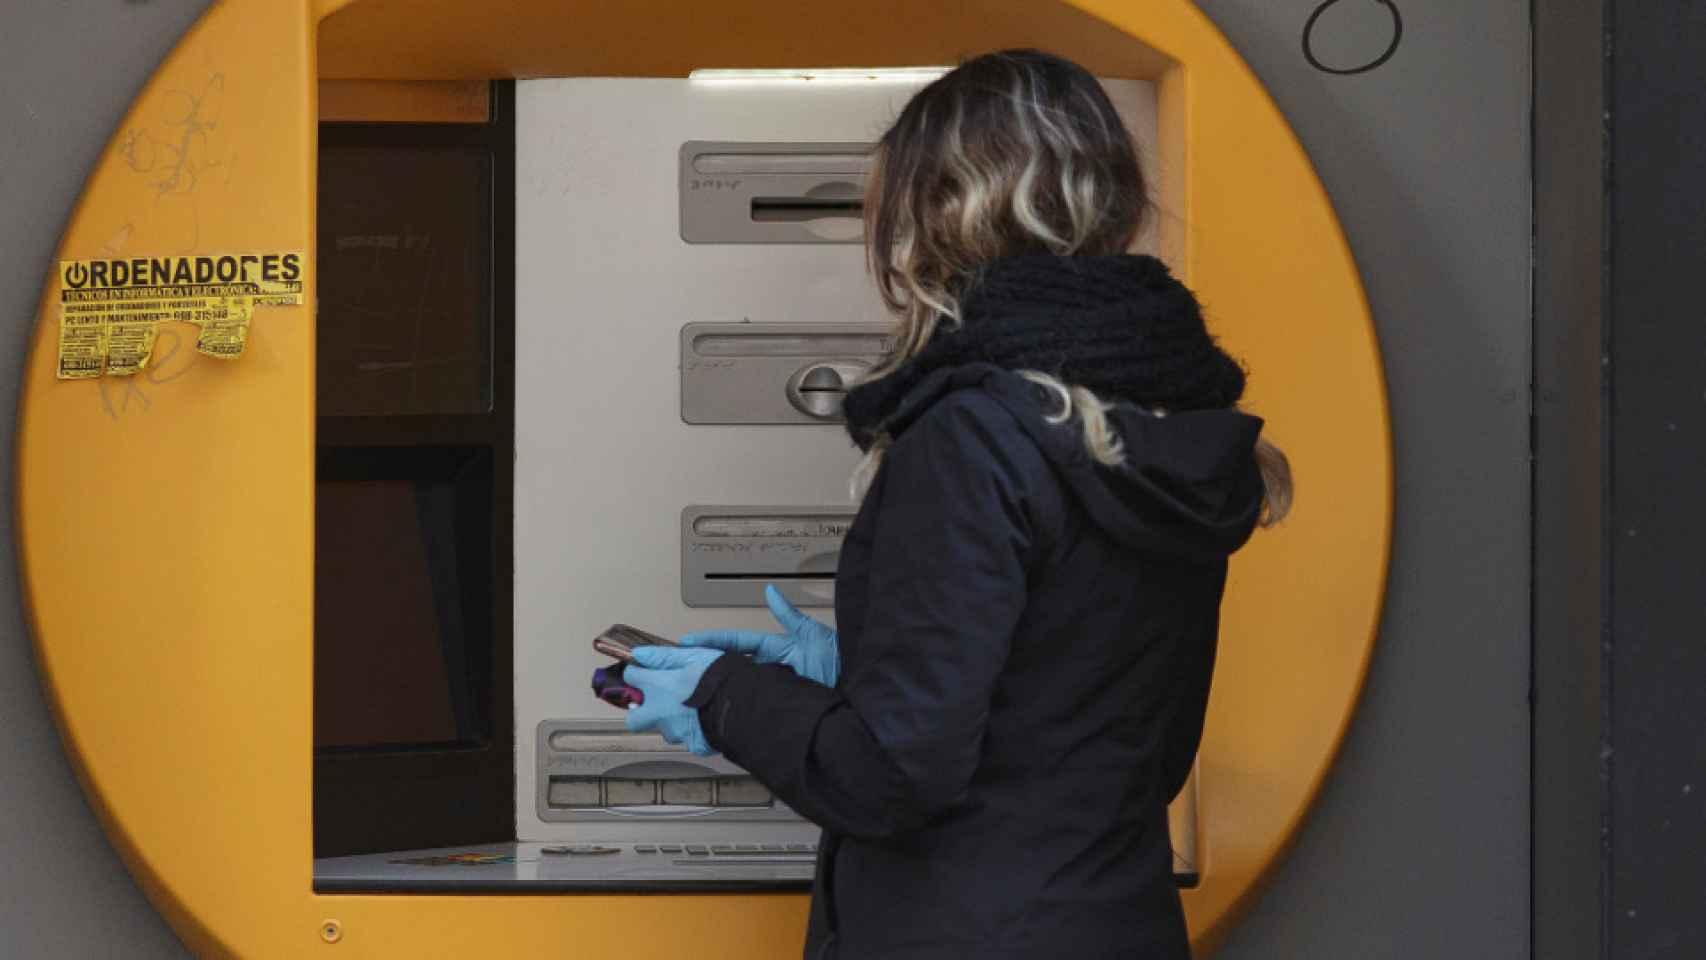 Mujer sacando dinero del cajero en imagen de archivo.